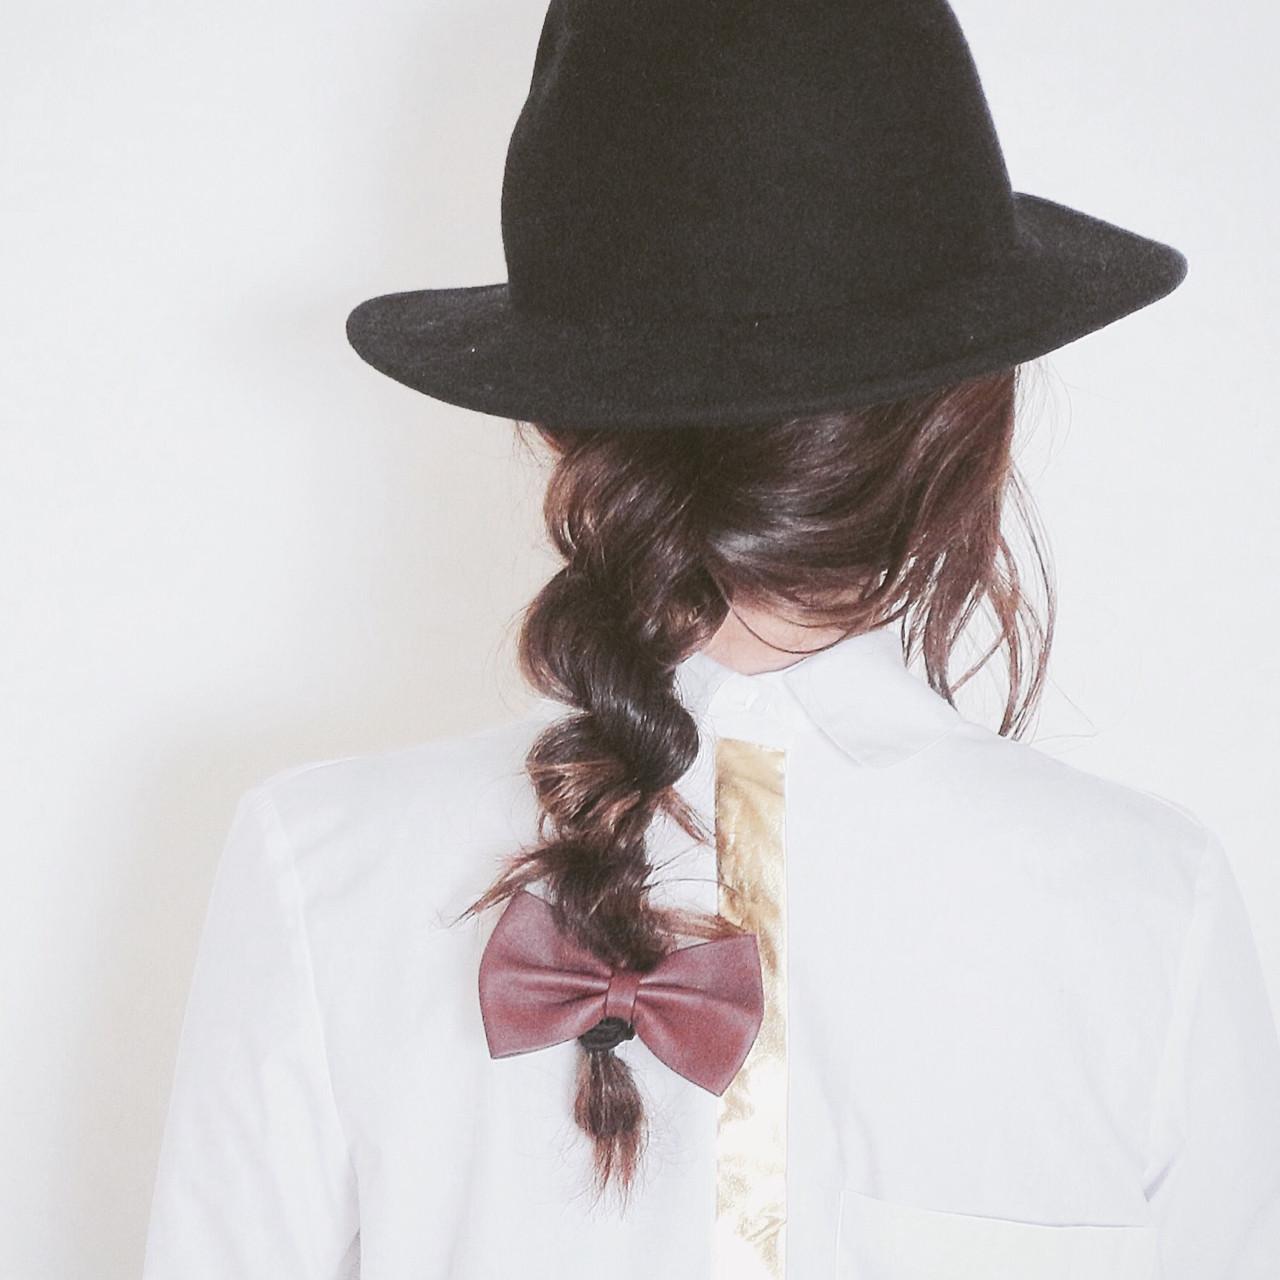 不器用さんでも試す価値あり!簡単なのに凝ってる様にみえるヘアアレンジレッスン ◆Takumi◆